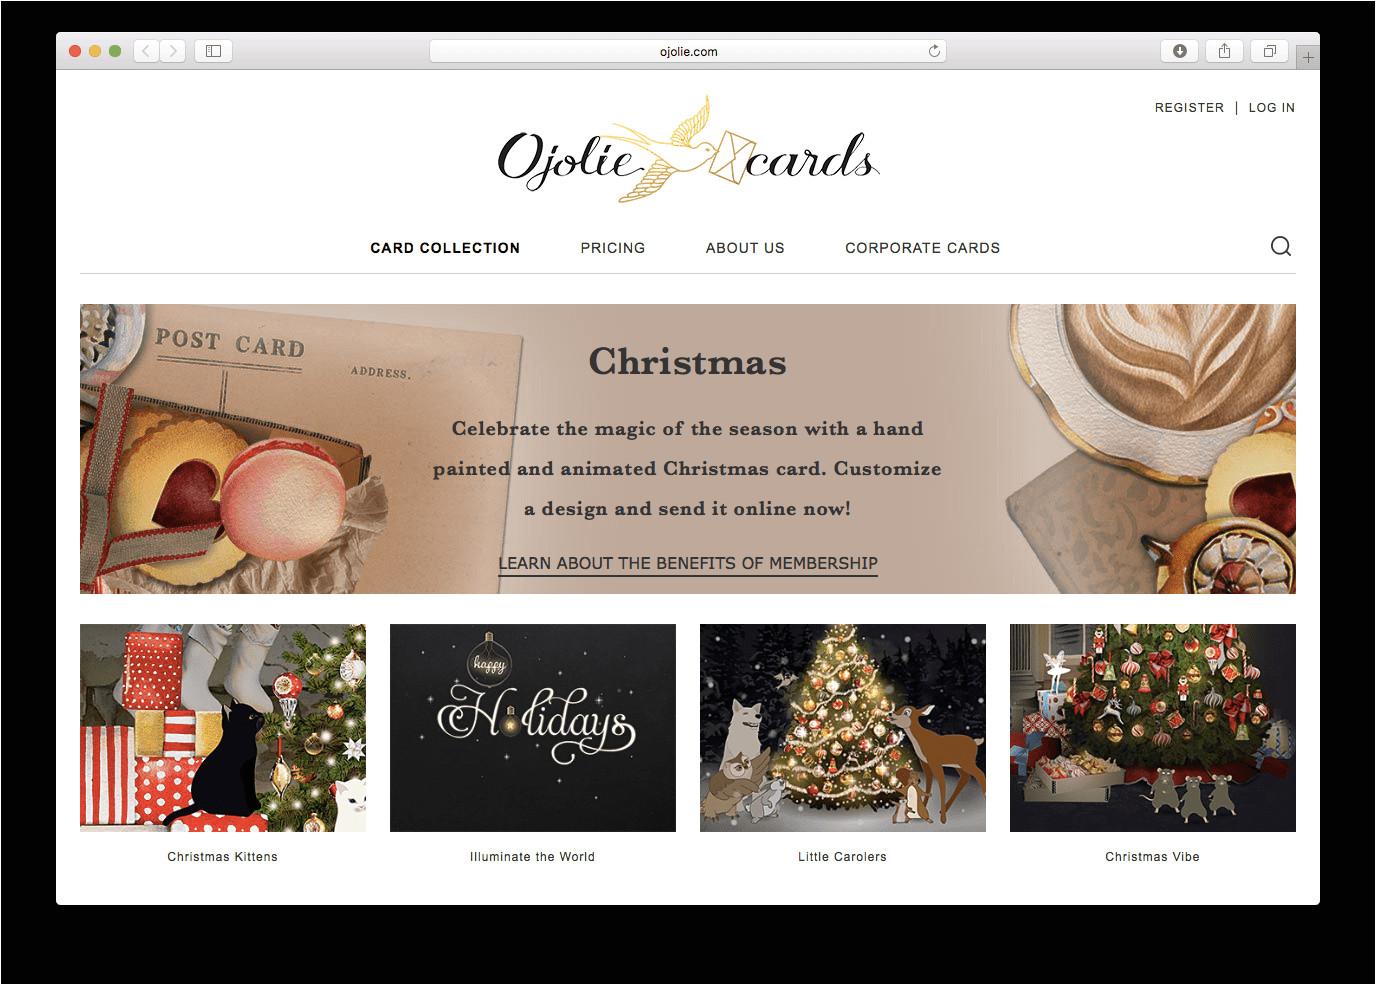 ojolie christmas e cards 2016 11 21 58330d475f9b58d5b117e595 png